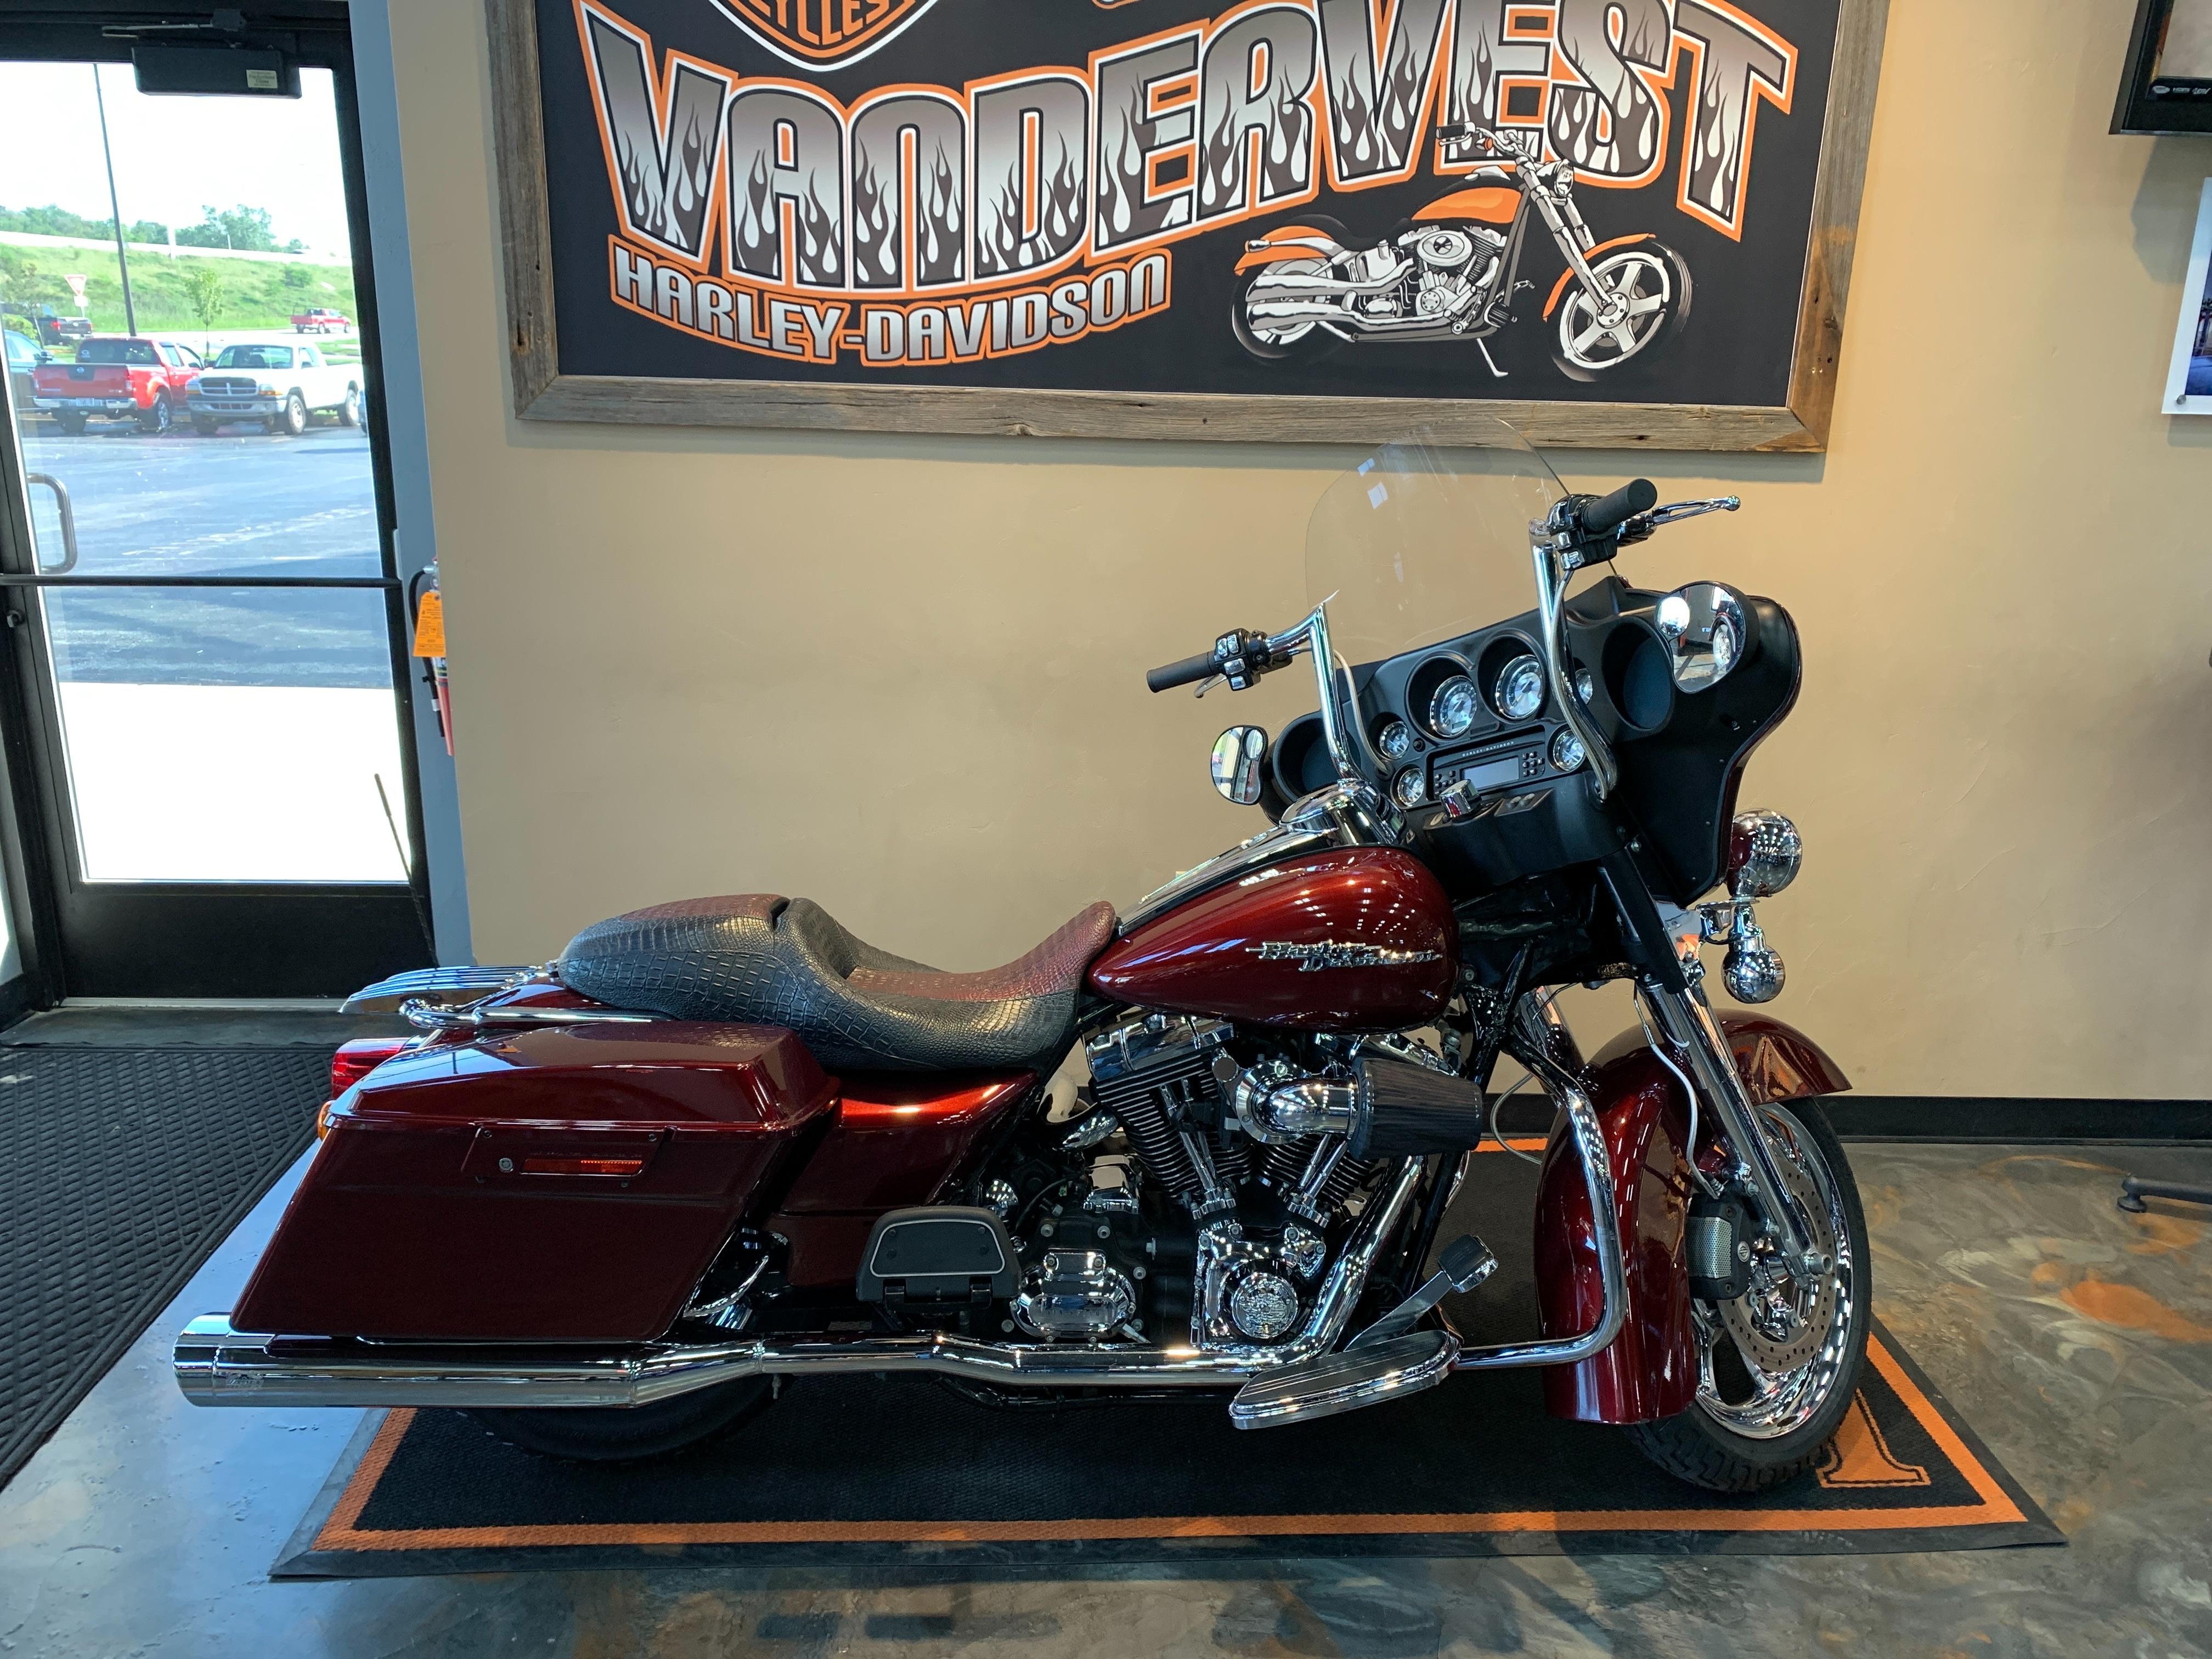 2008 Harley-Davidson Street Glide Base at Vandervest Harley-Davidson, Green Bay, WI 54303